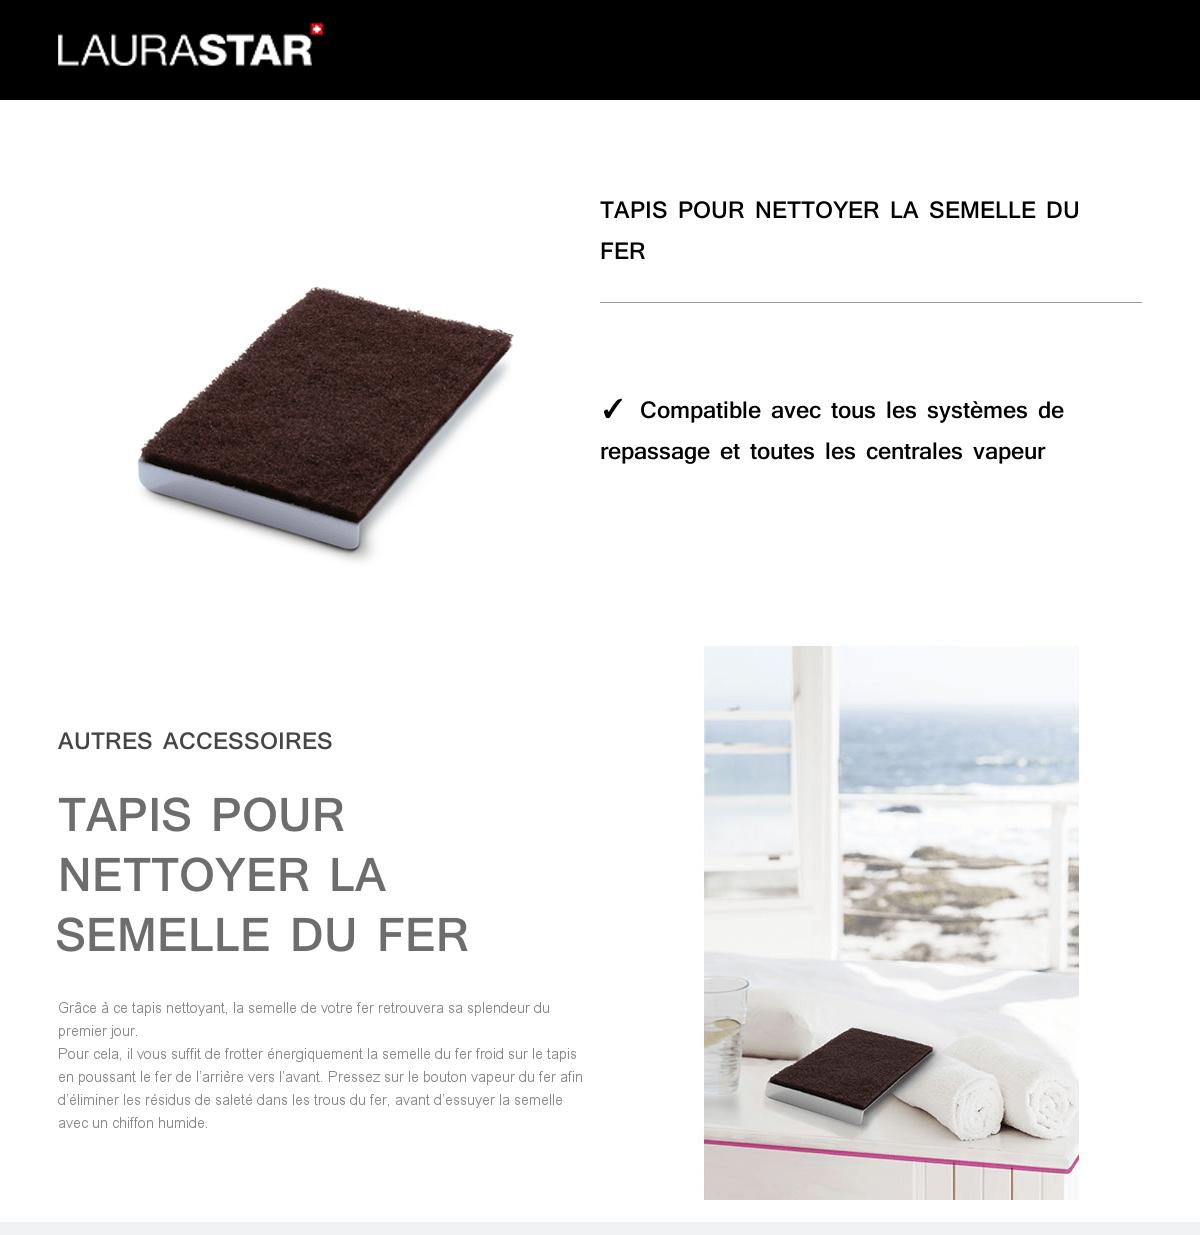 Nettoyer Semelle De Fer laurastar tapis abrasif pour nettoyer la semelle polyfer